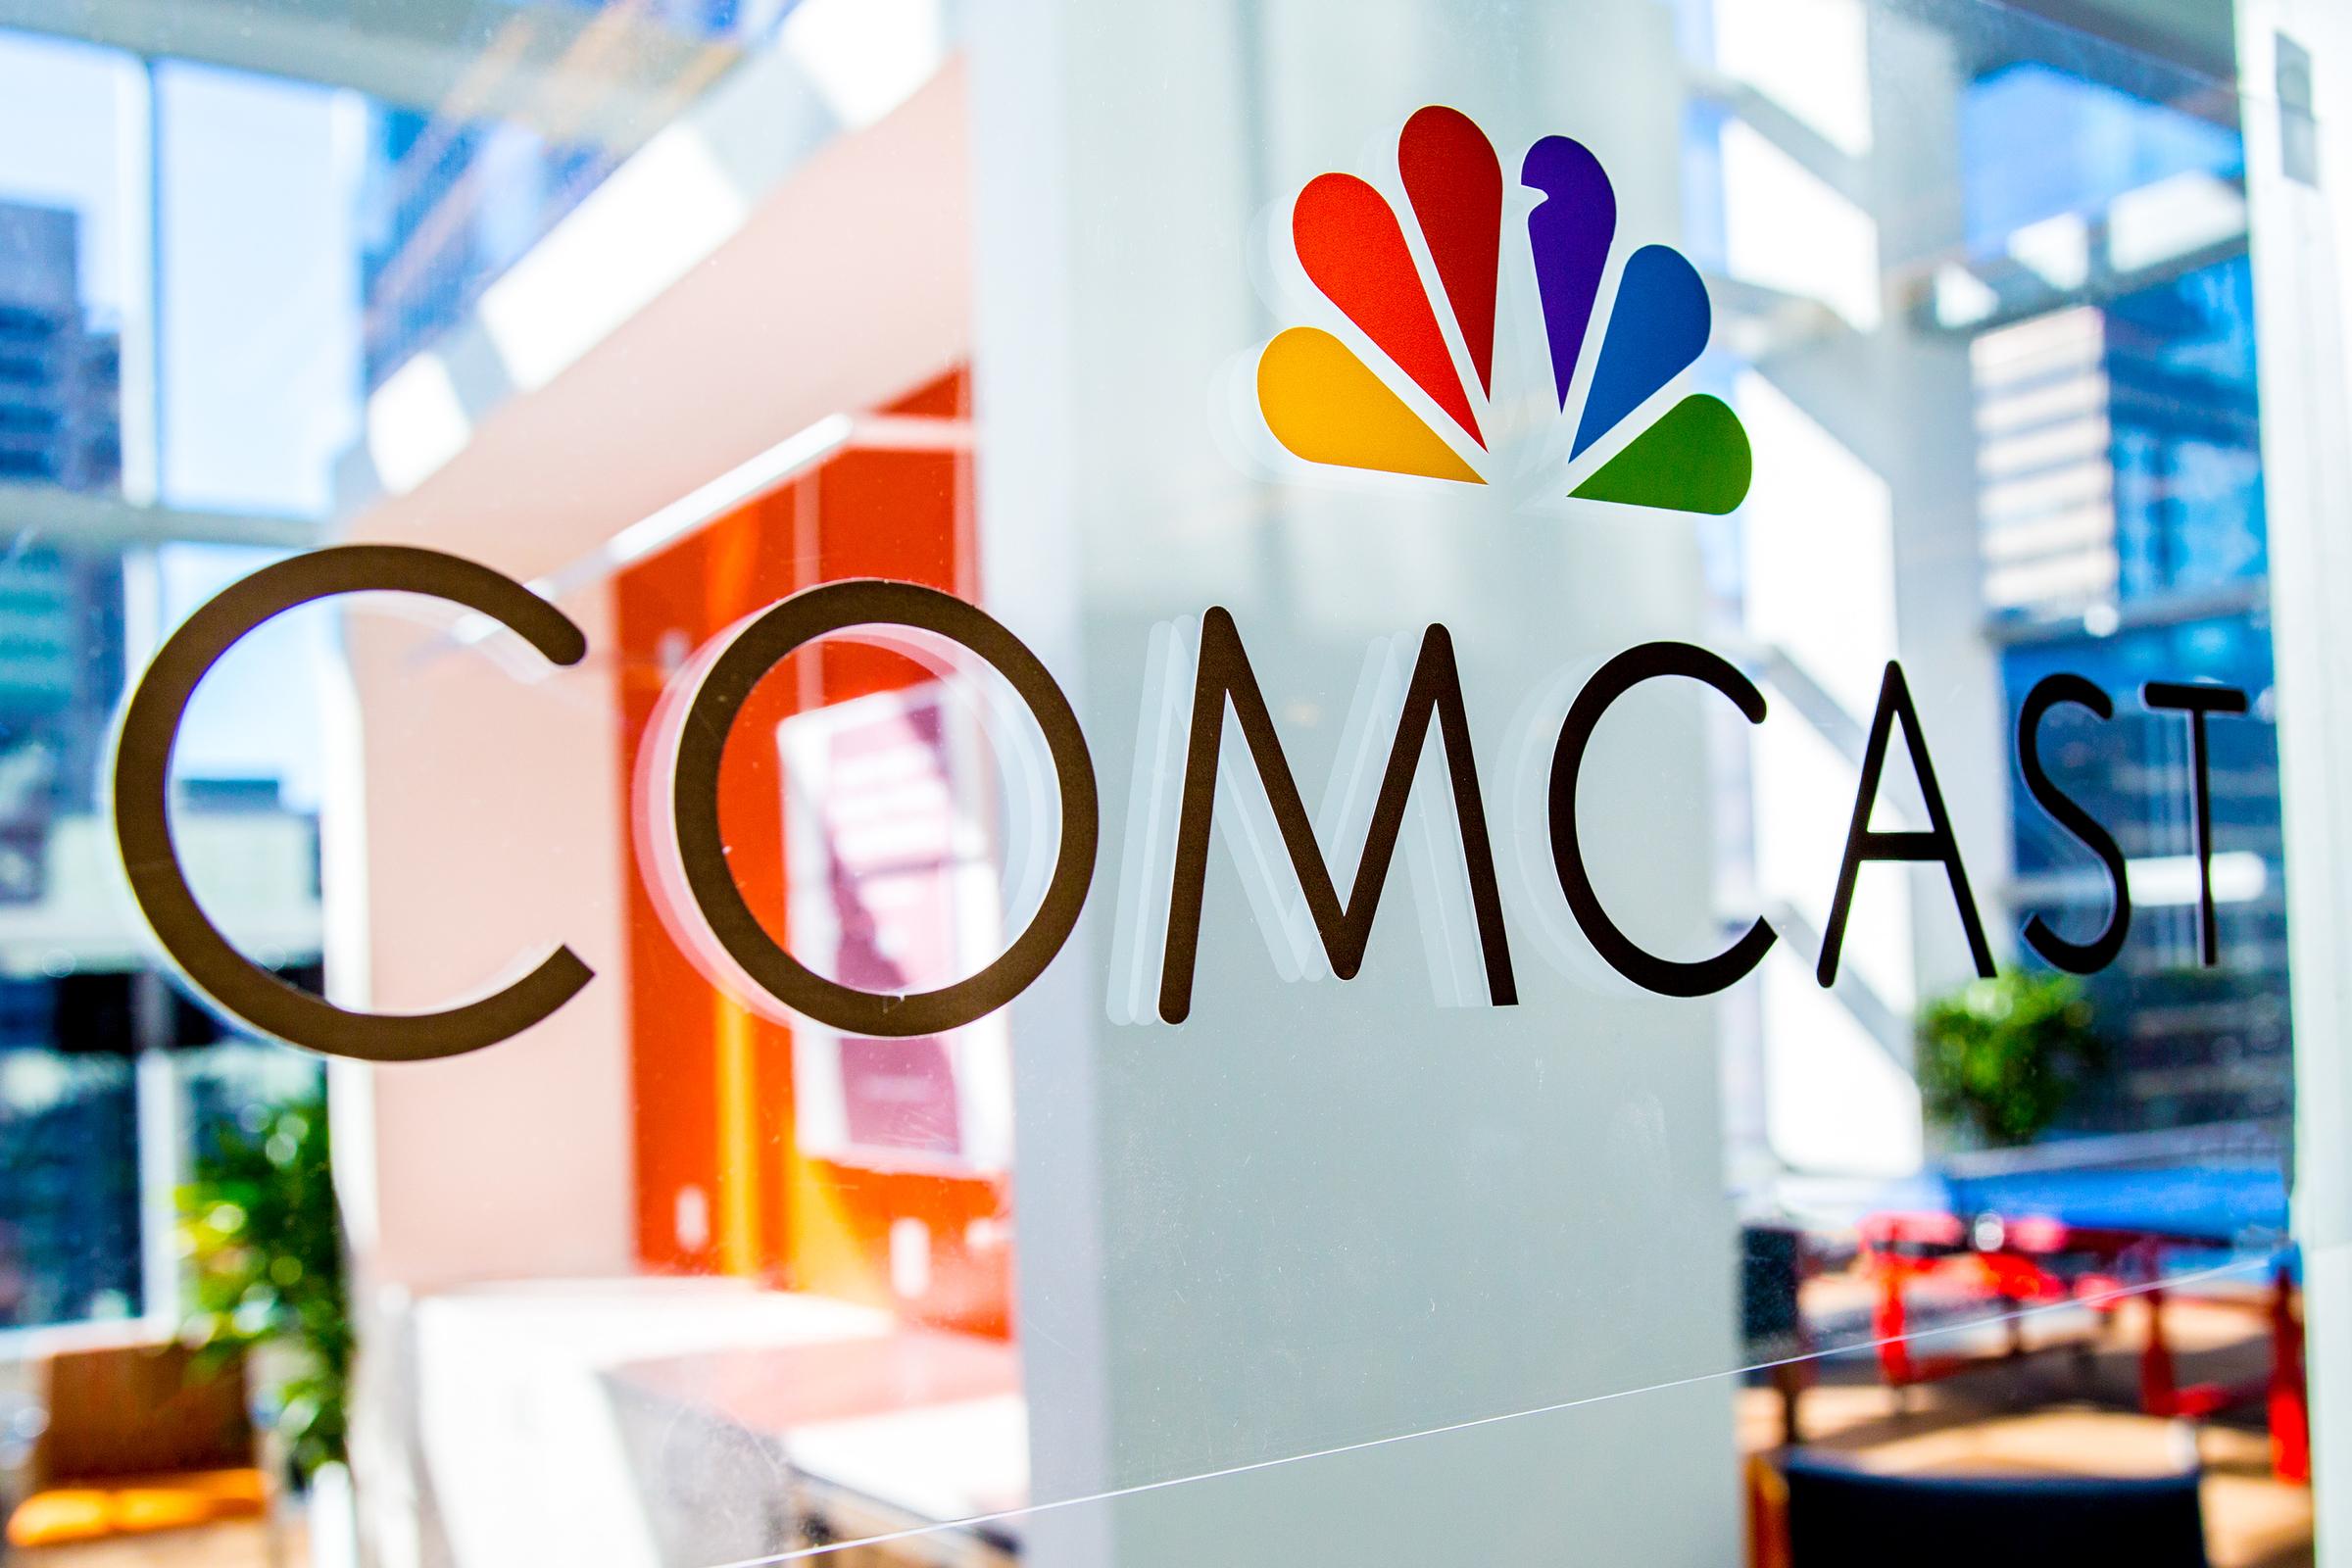 Comcast IDs First DOCSIS 3.1 Markets